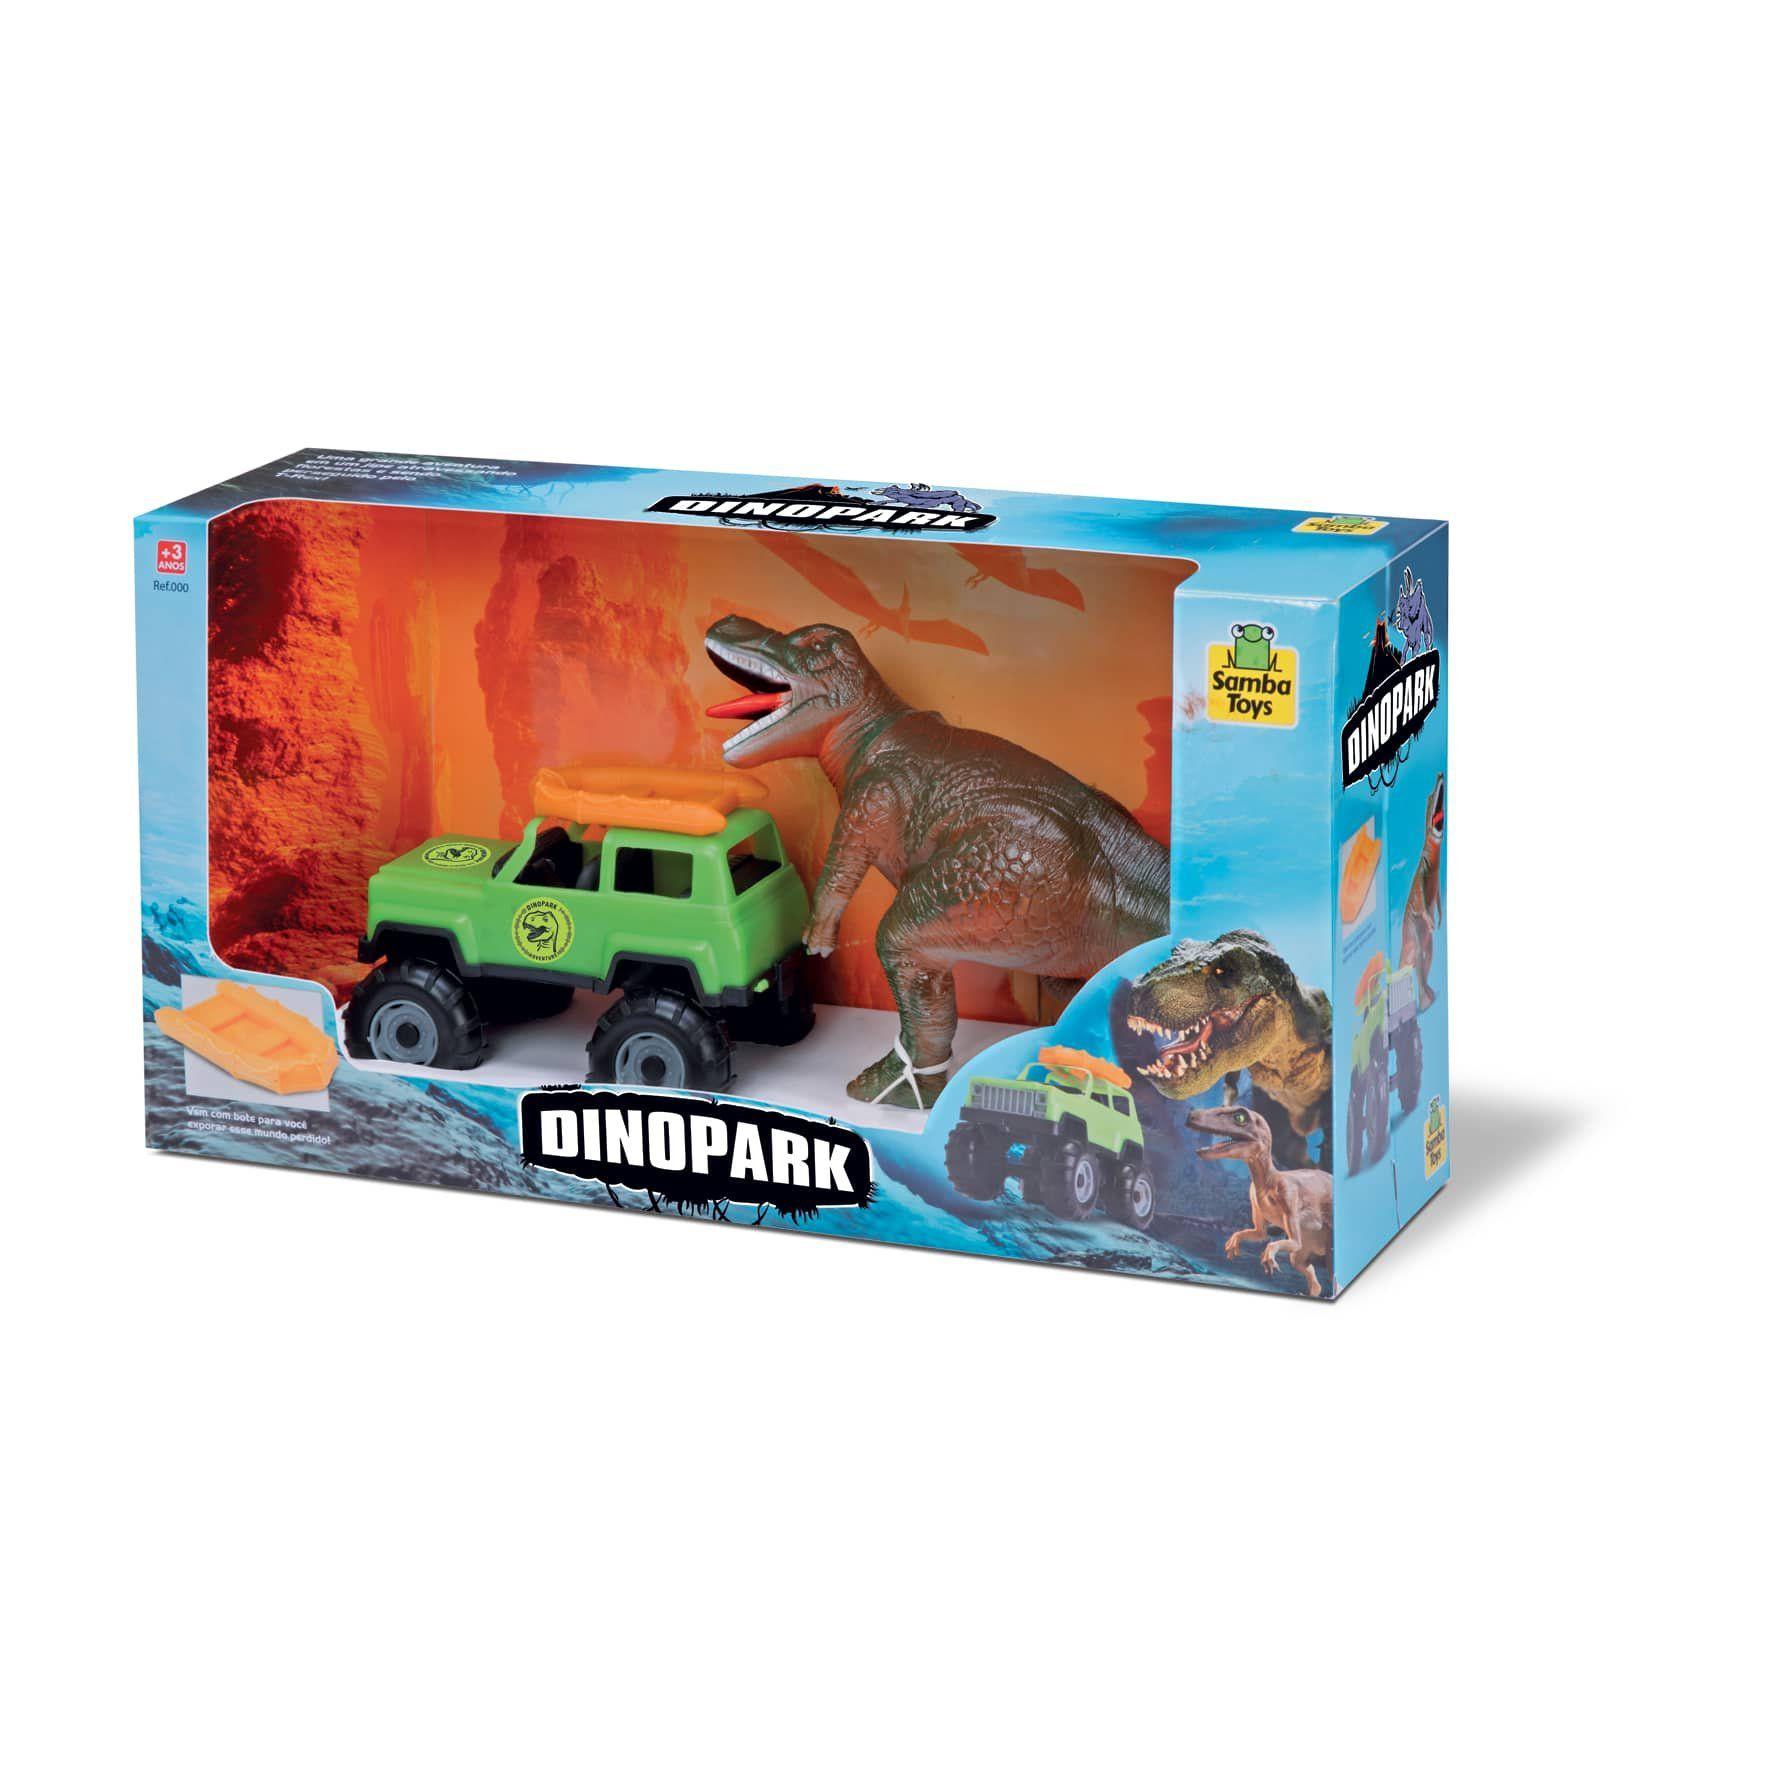 Dino Park Super Toys